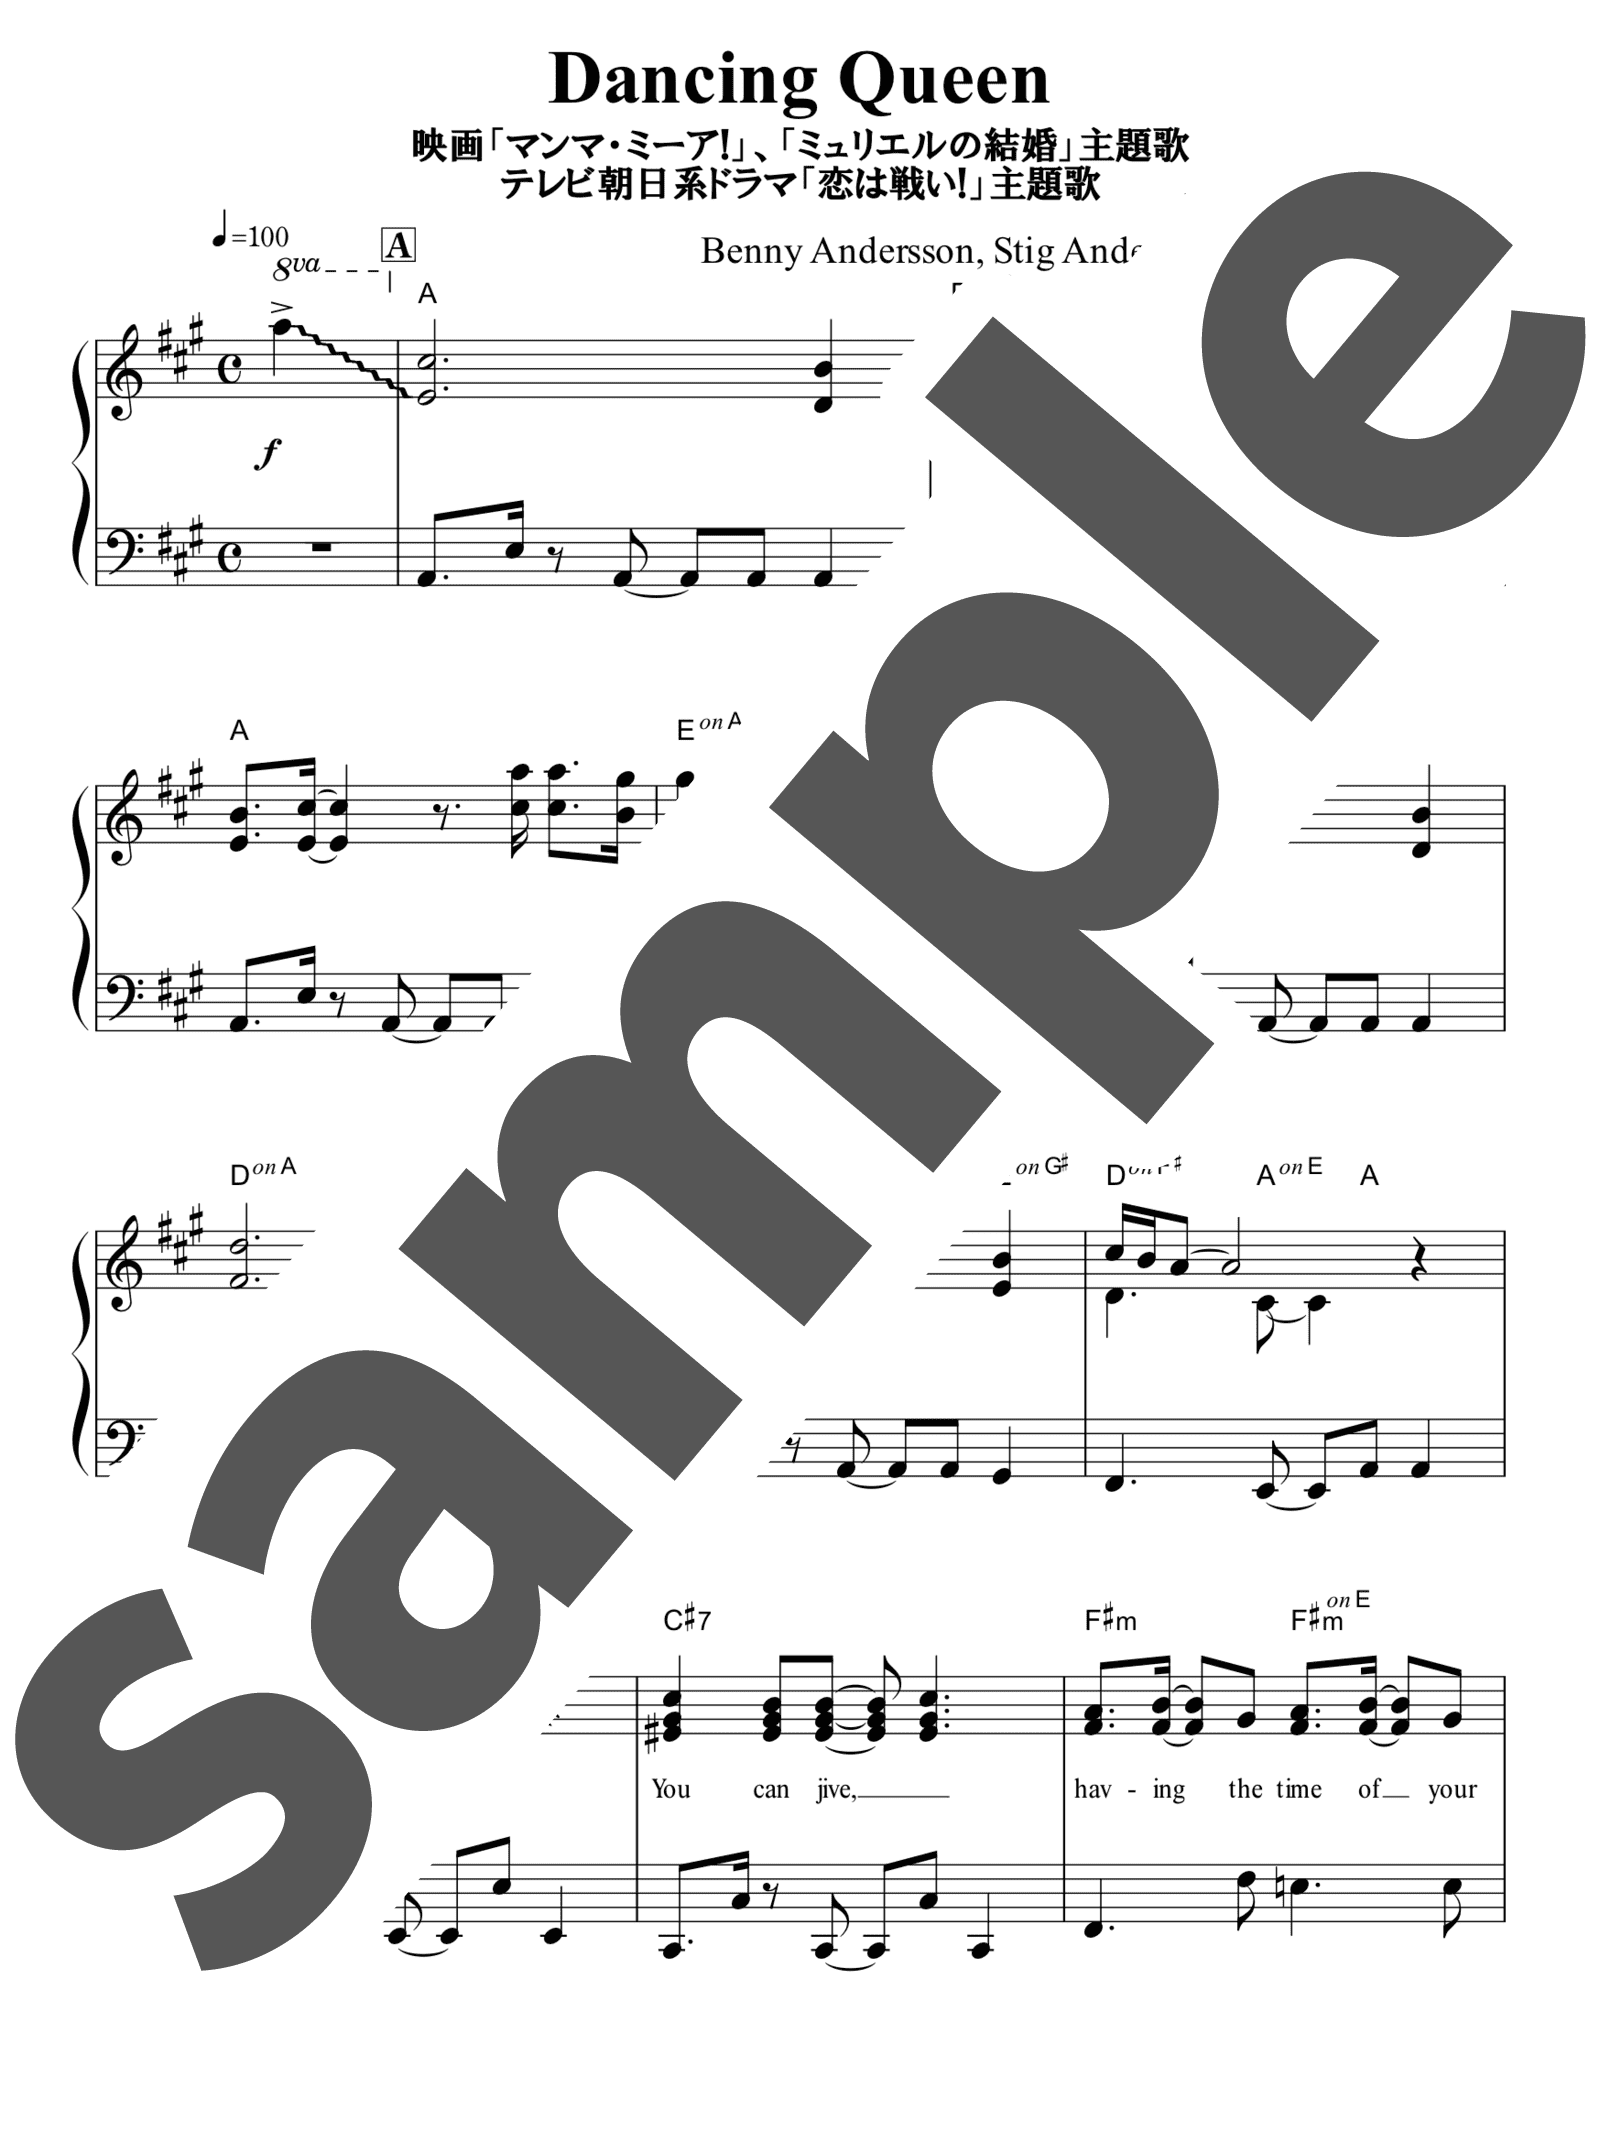 「ダンシング・クイーン」のサンプル楽譜